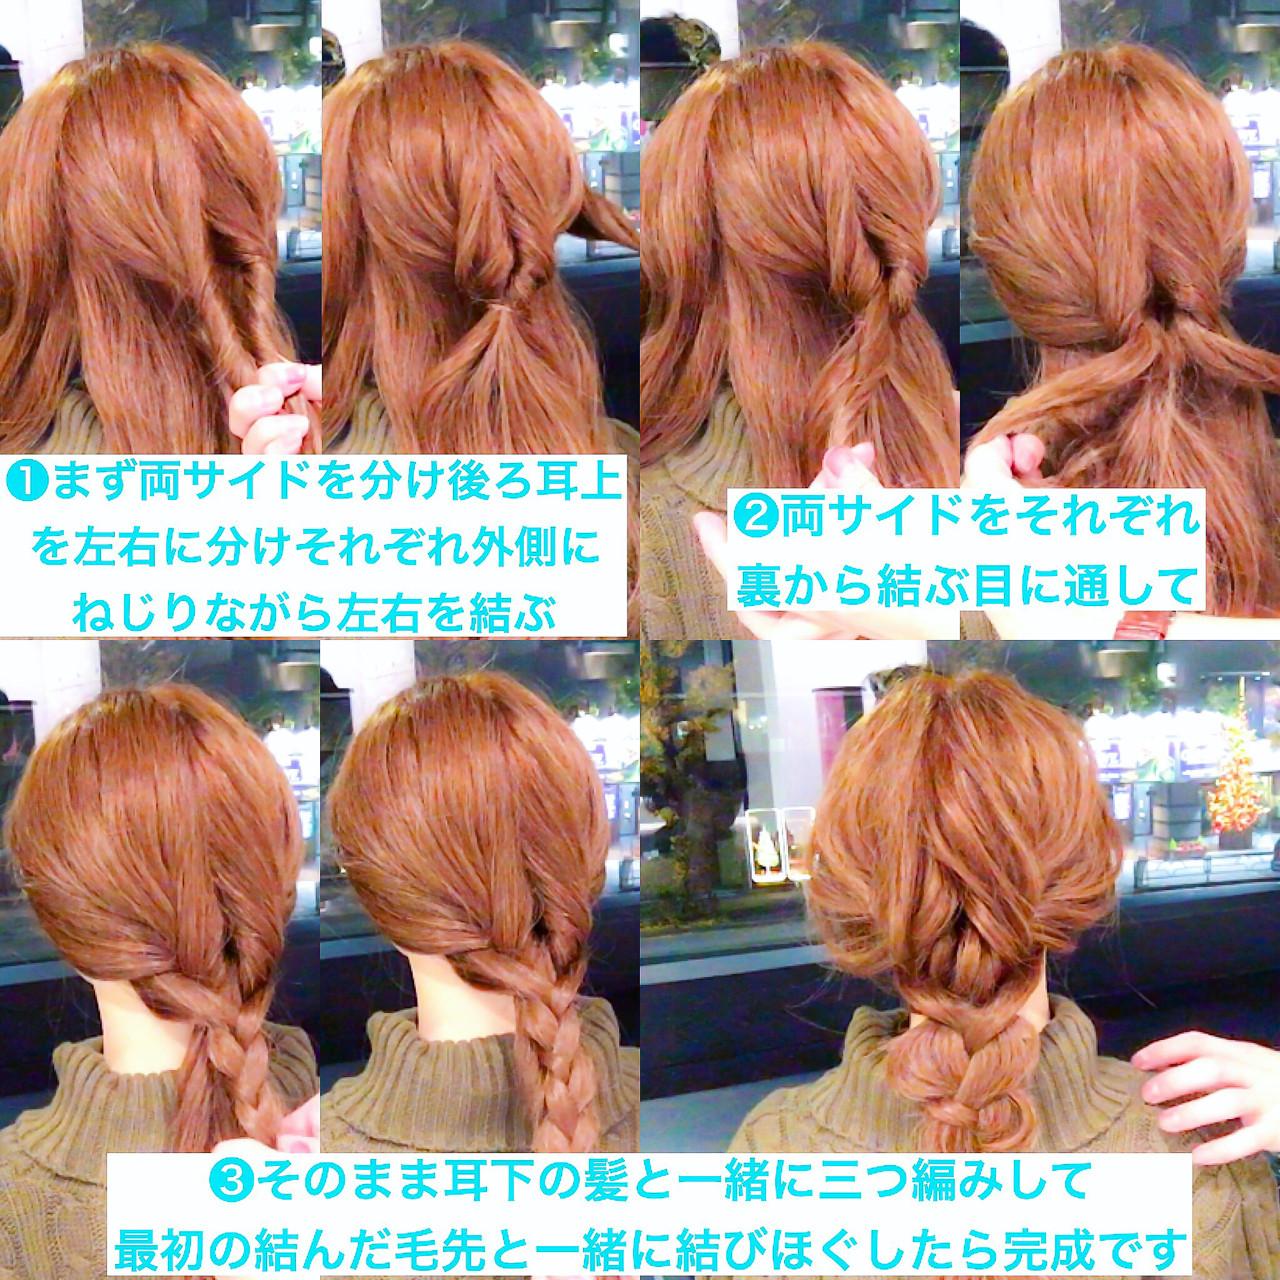 ロング デート フェミニン ヘアアレンジ ヘアスタイルや髪型の写真・画像